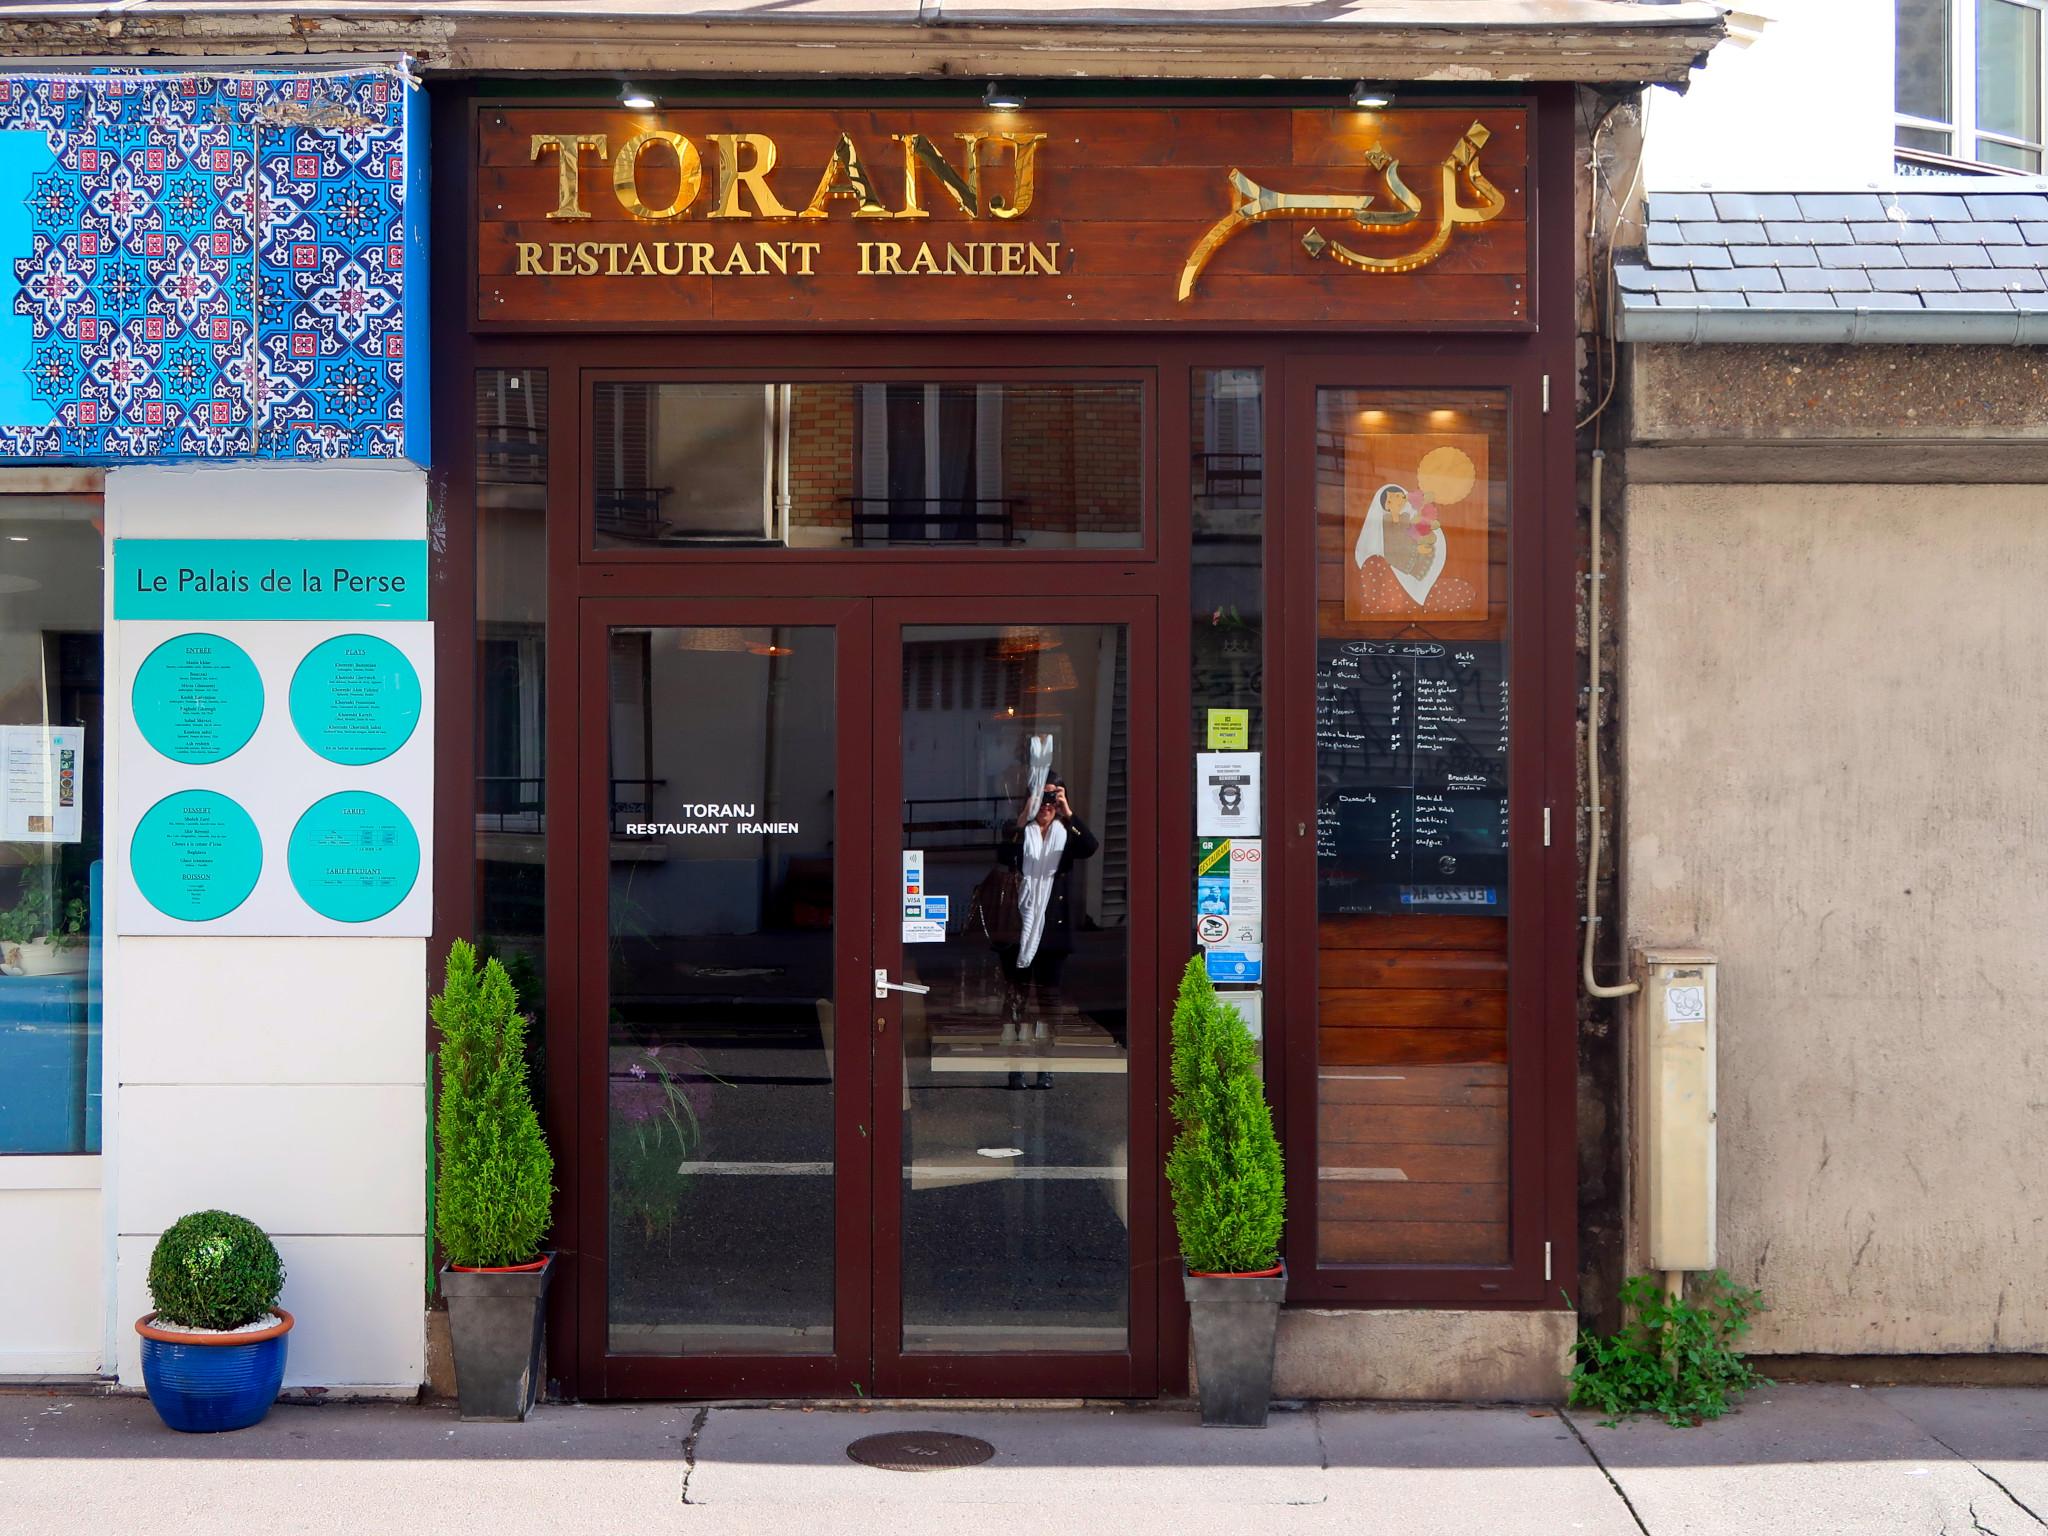 Meilleur restaurant Iranien Paris